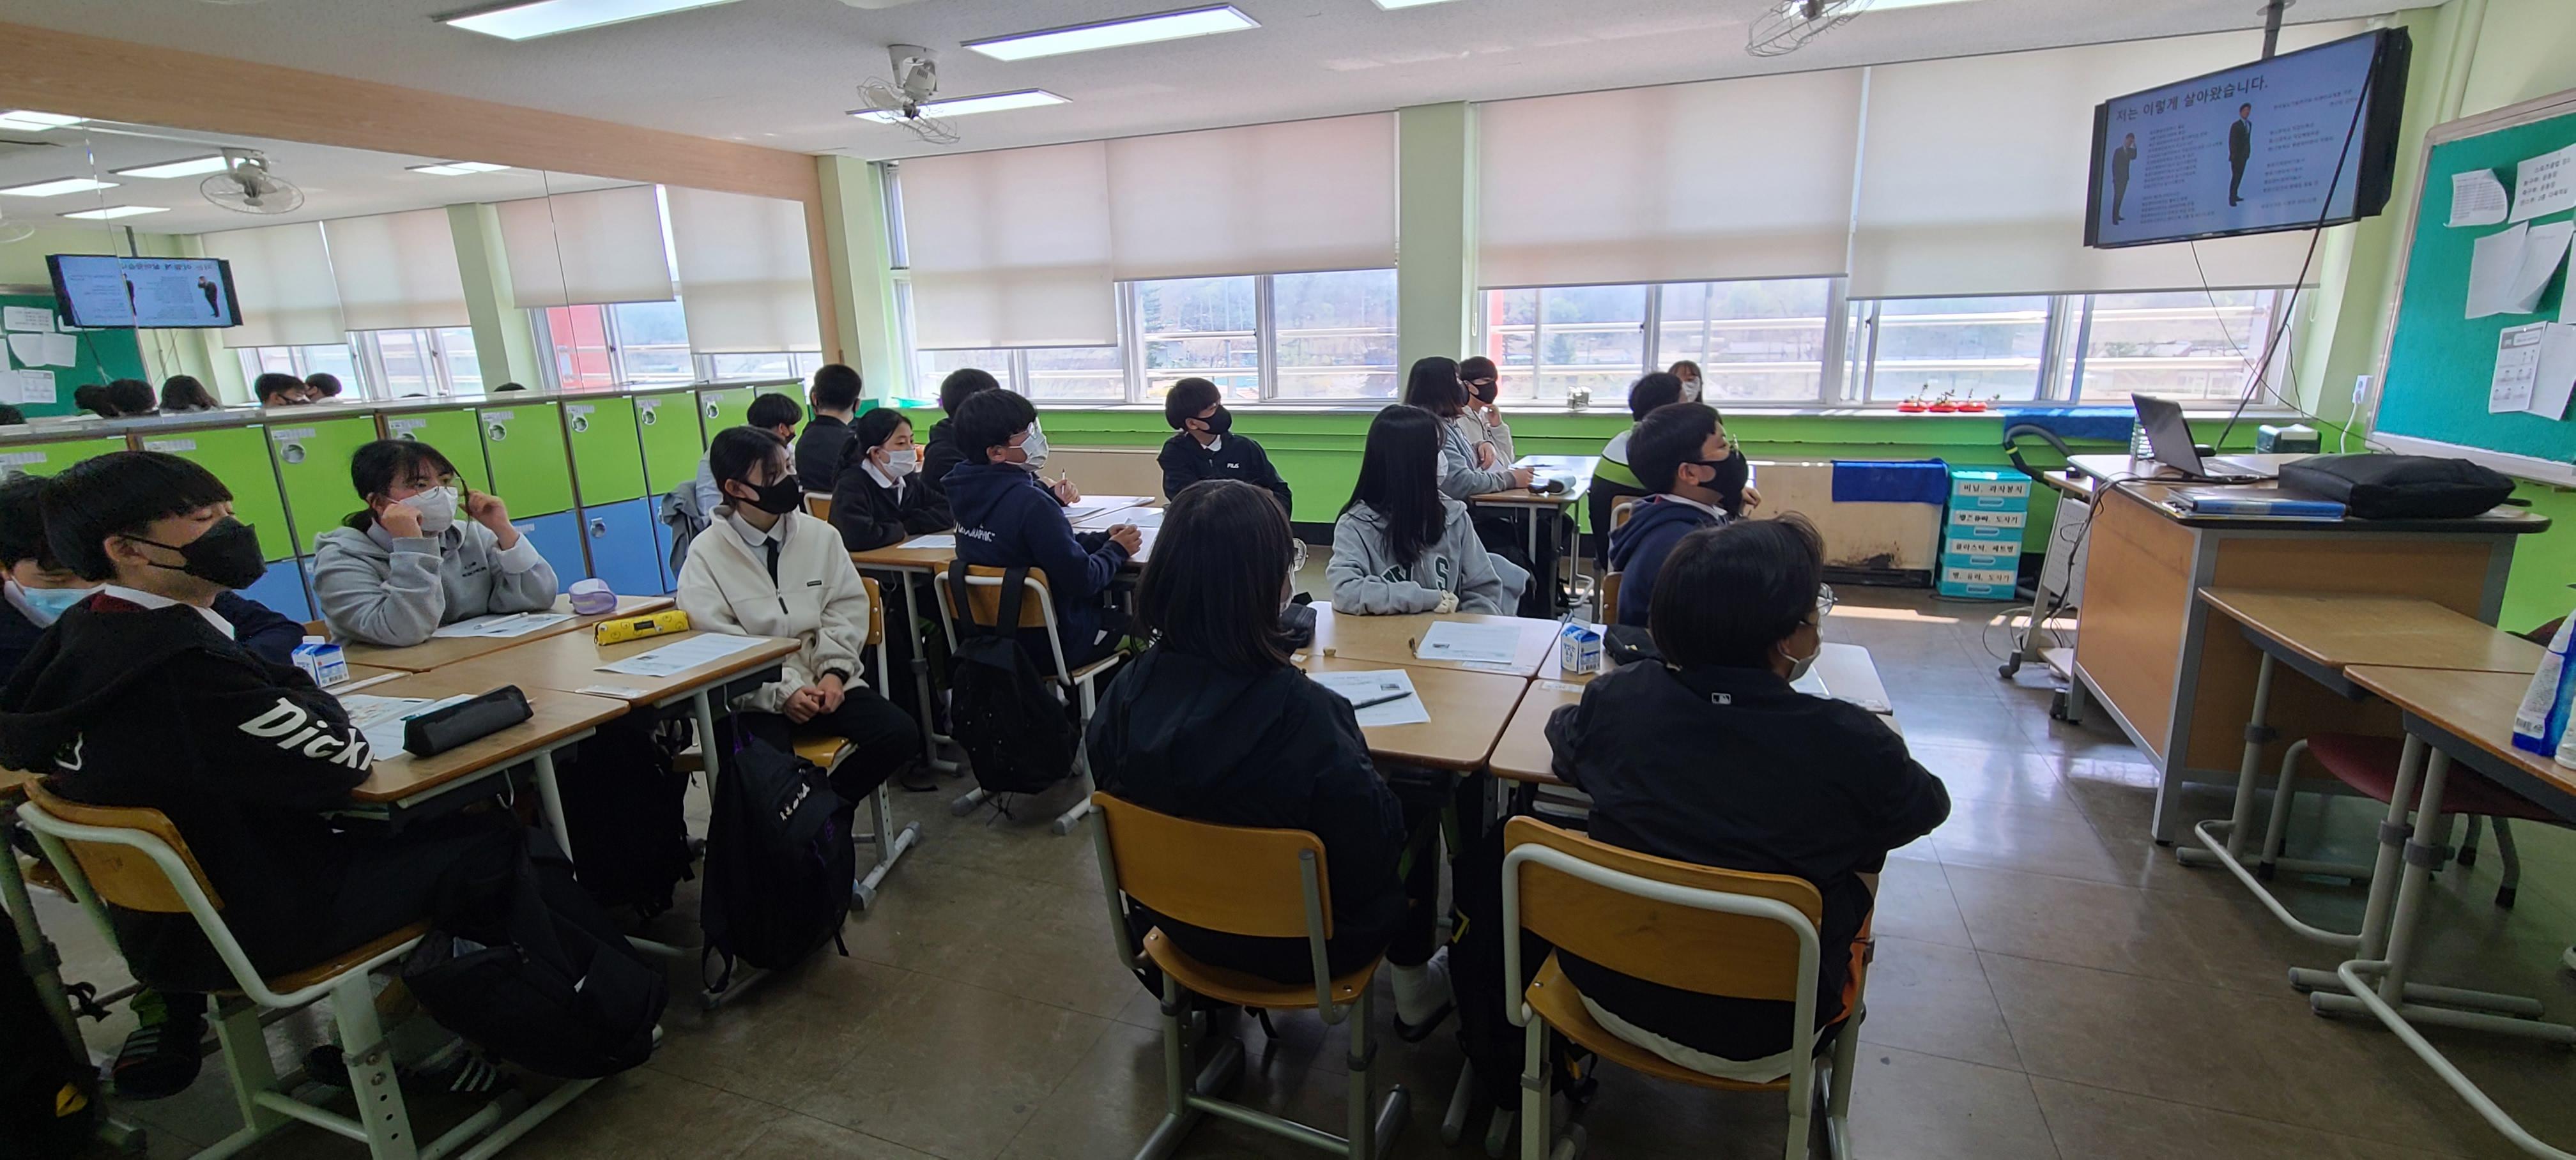 [일반] 2학년 진로직업 체험(4월 7일)의 첨부이미지 4